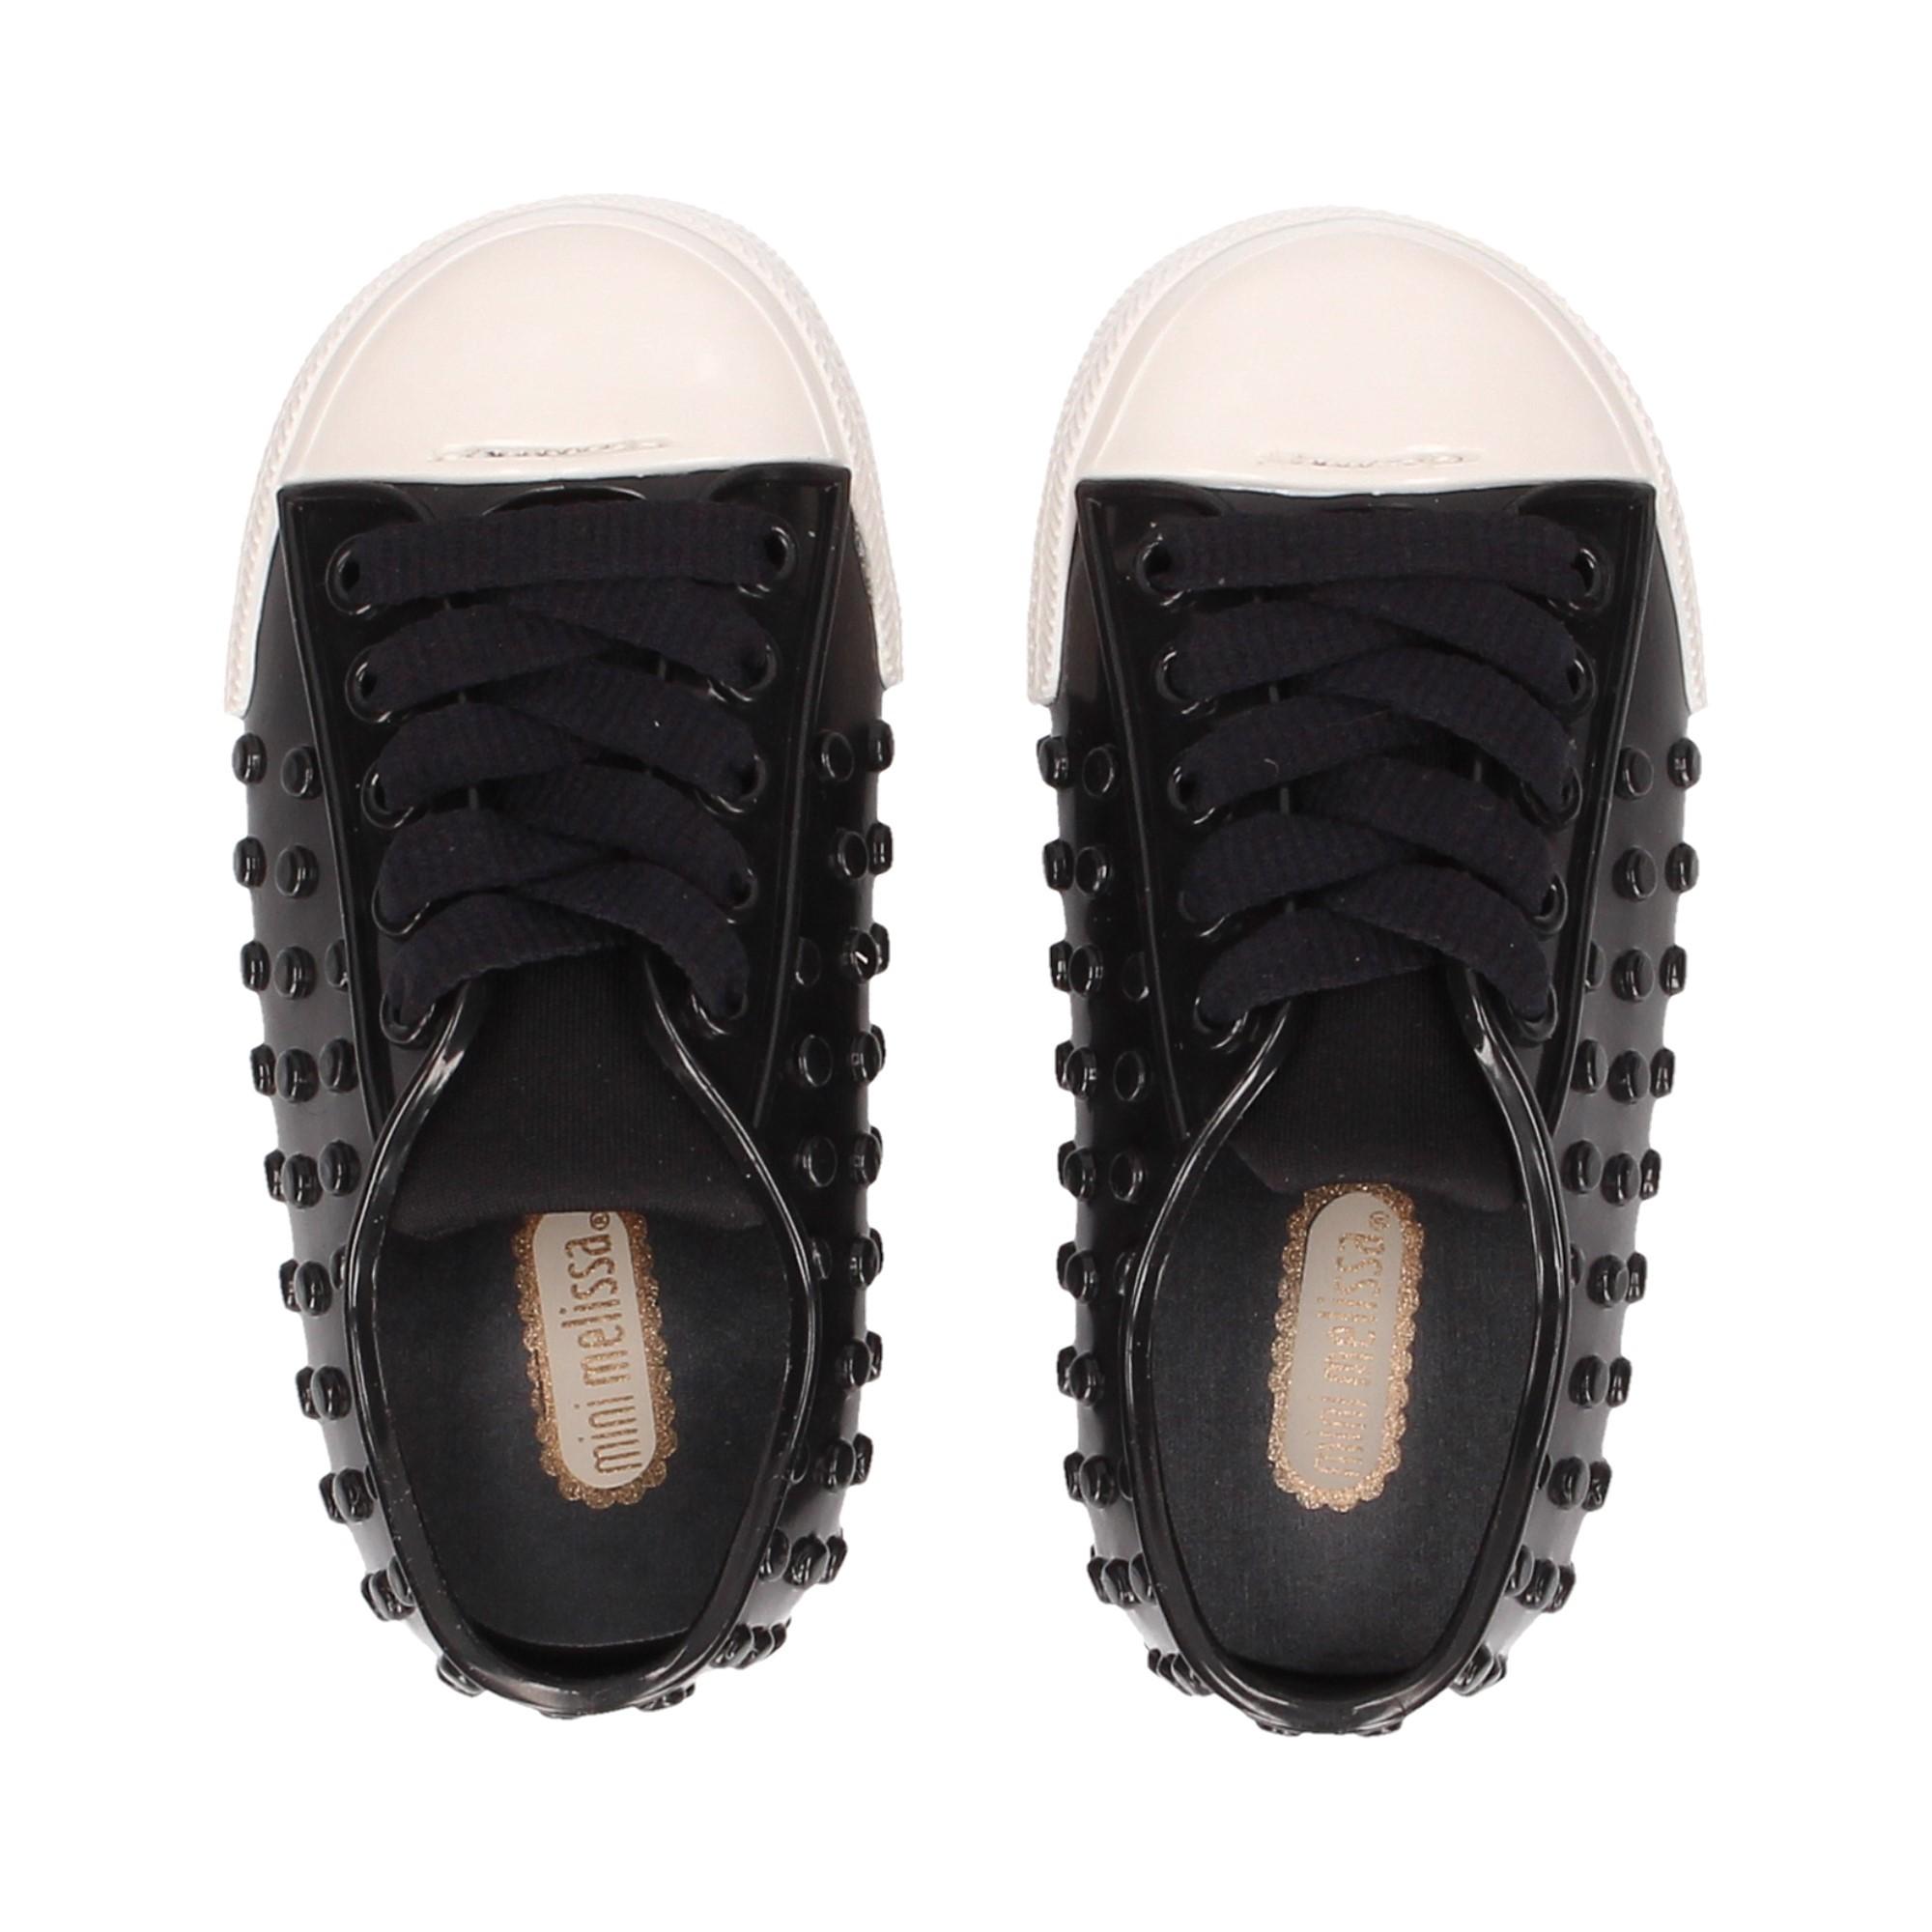 deportivo-cordones-puntos-negro